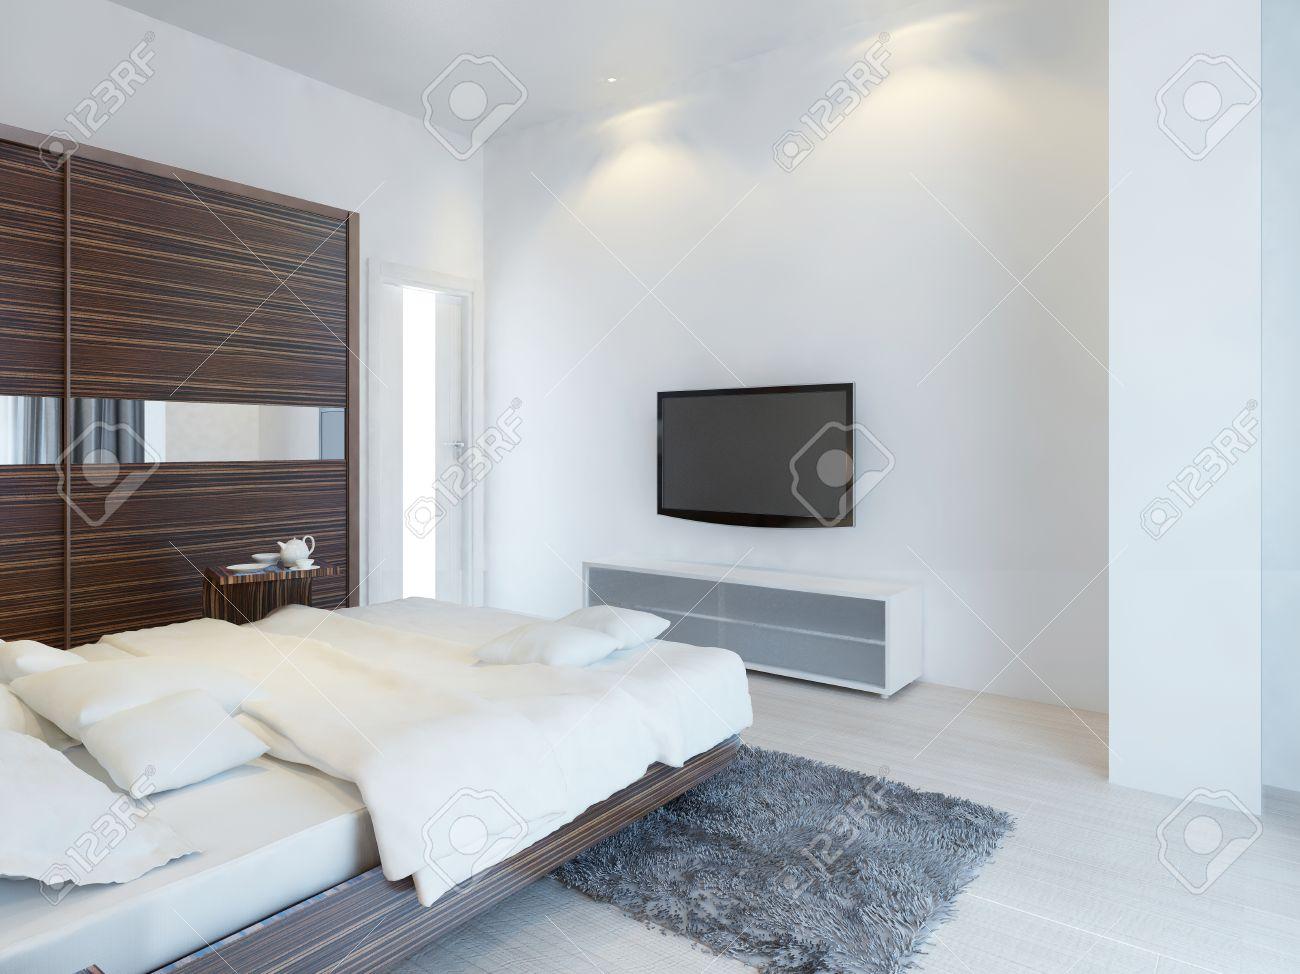 Schlafzimmer Mit TV Und Medienkonsole Mit Einem Großen Schiebetüren ...